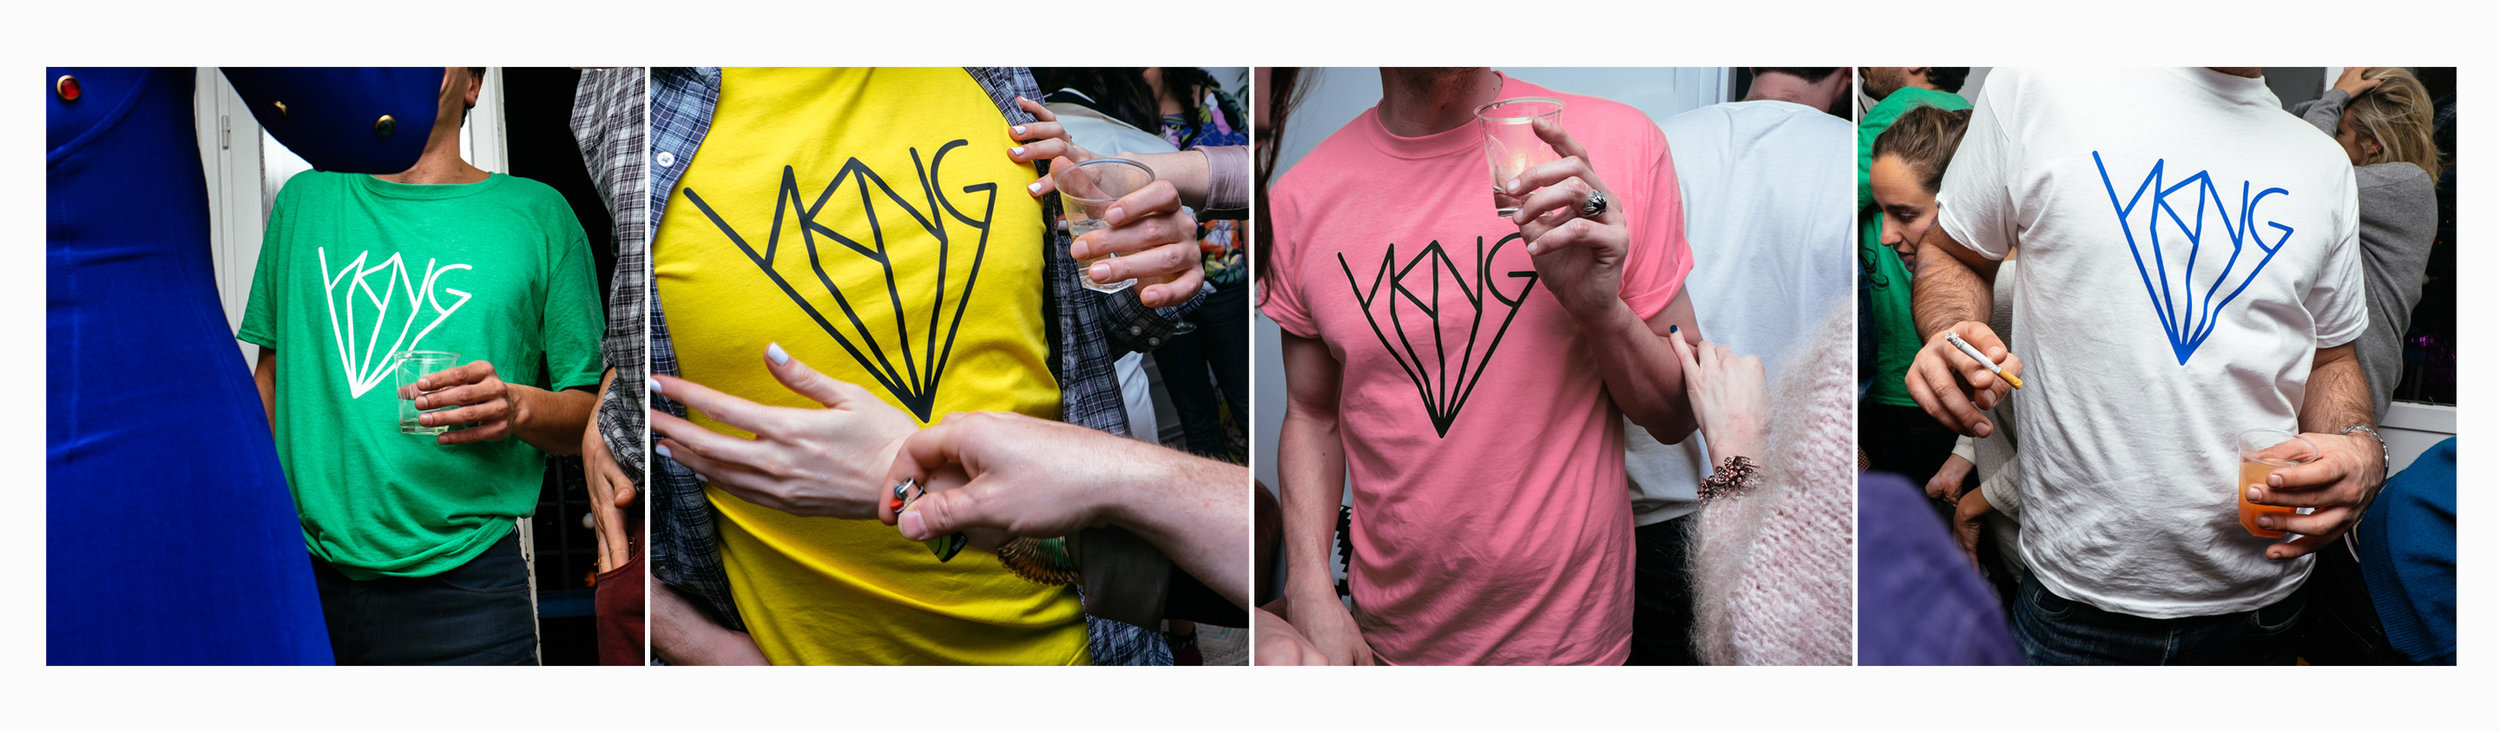 VKNG — Direction artistique